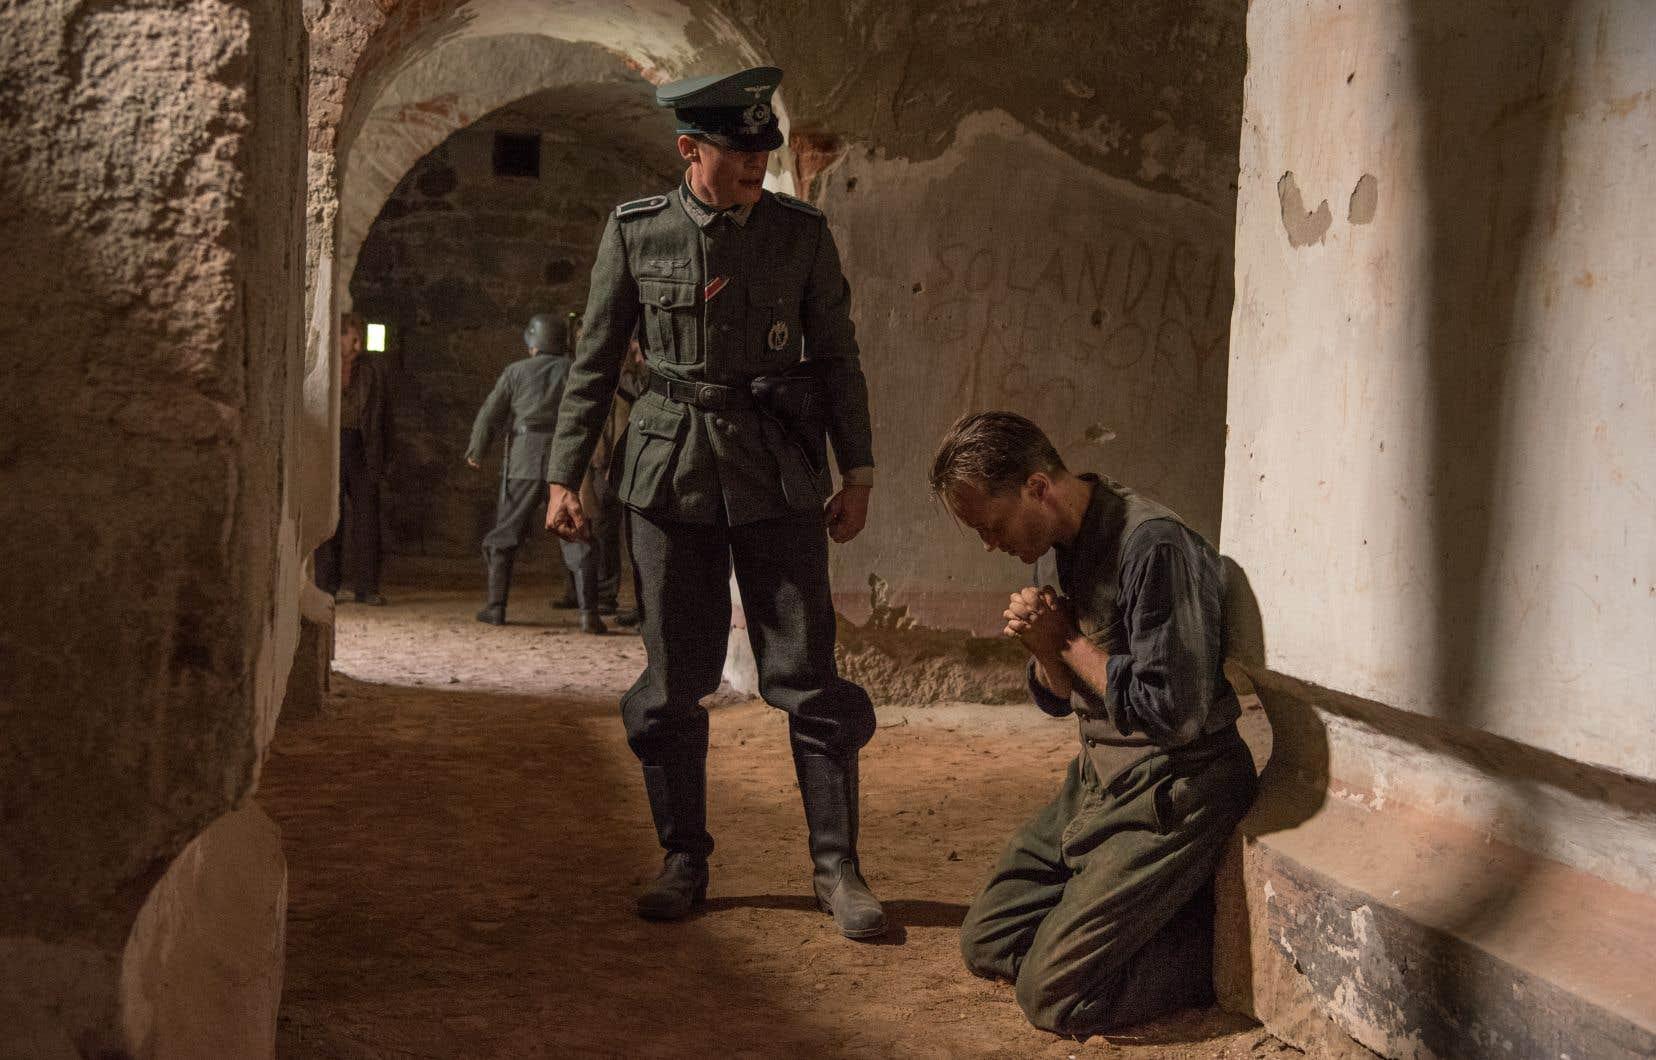 «La vie cachée»raconte le combat solitaire de Franz Jägerstätter, un fermier, bon catholique et père de famille qui a payé cher son refus de s'enrôler comme soldat nazi.